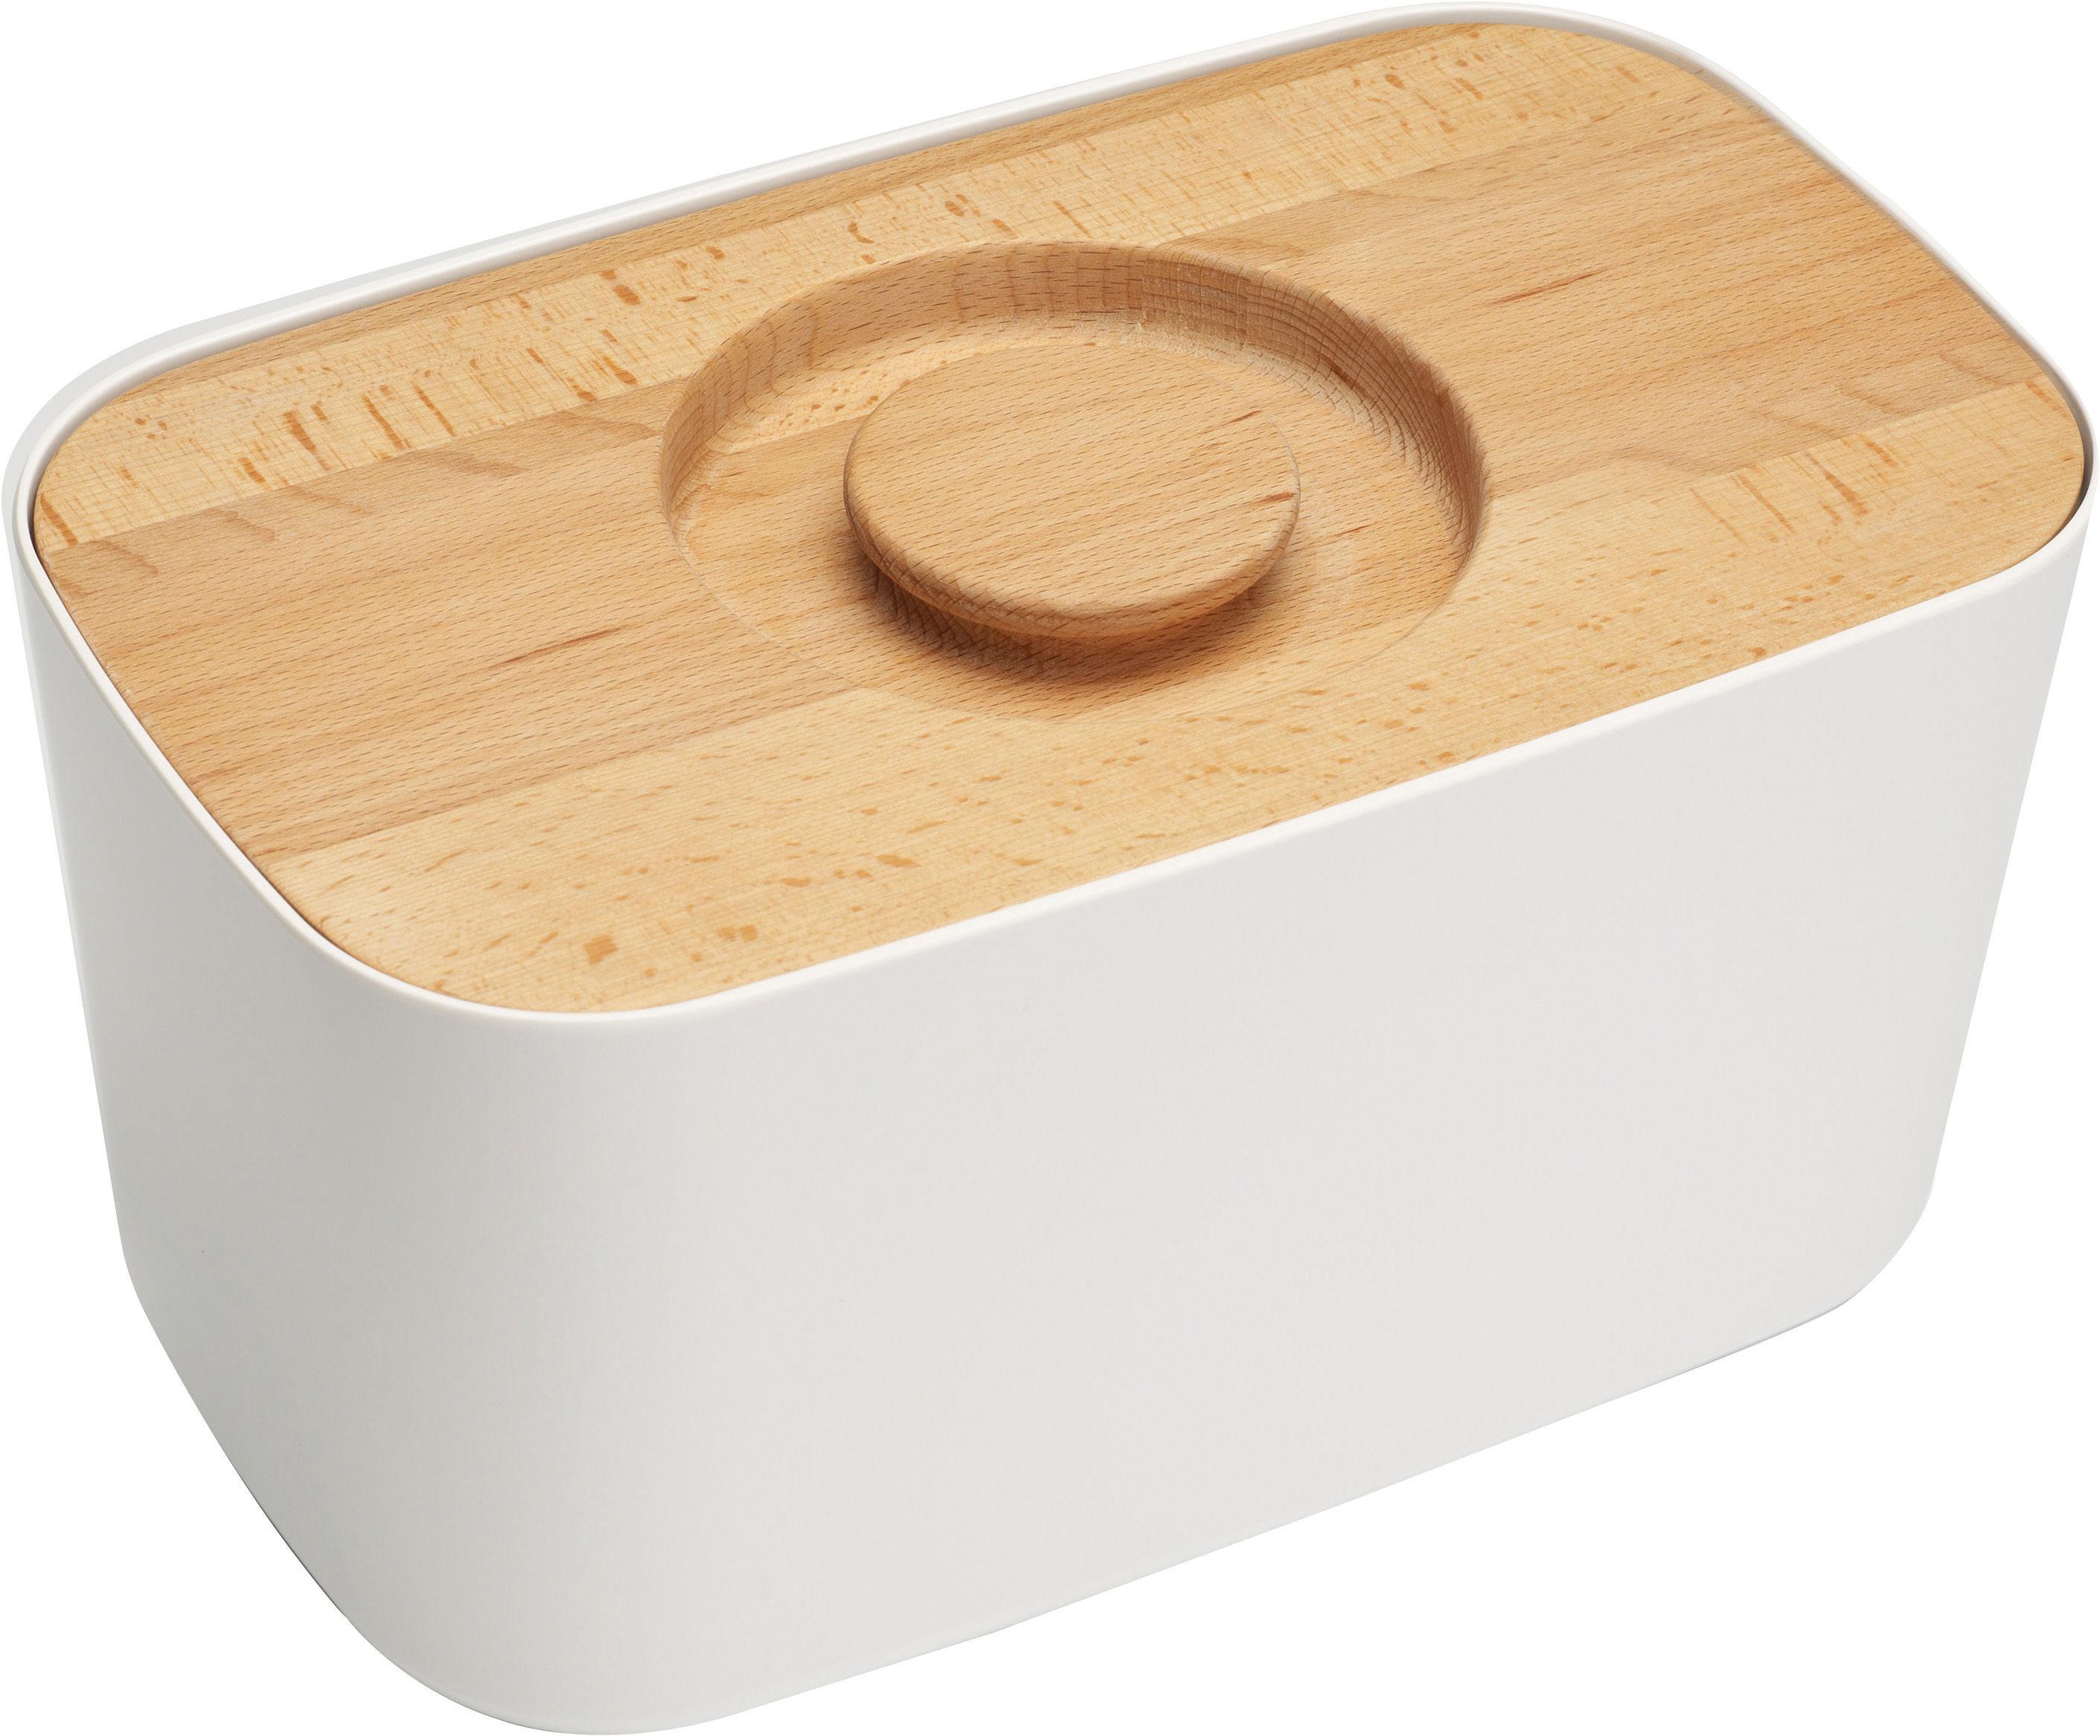 bo te pain m lamine couvercle planche d couper l 35 cm blanc joseph joseph. Black Bedroom Furniture Sets. Home Design Ideas